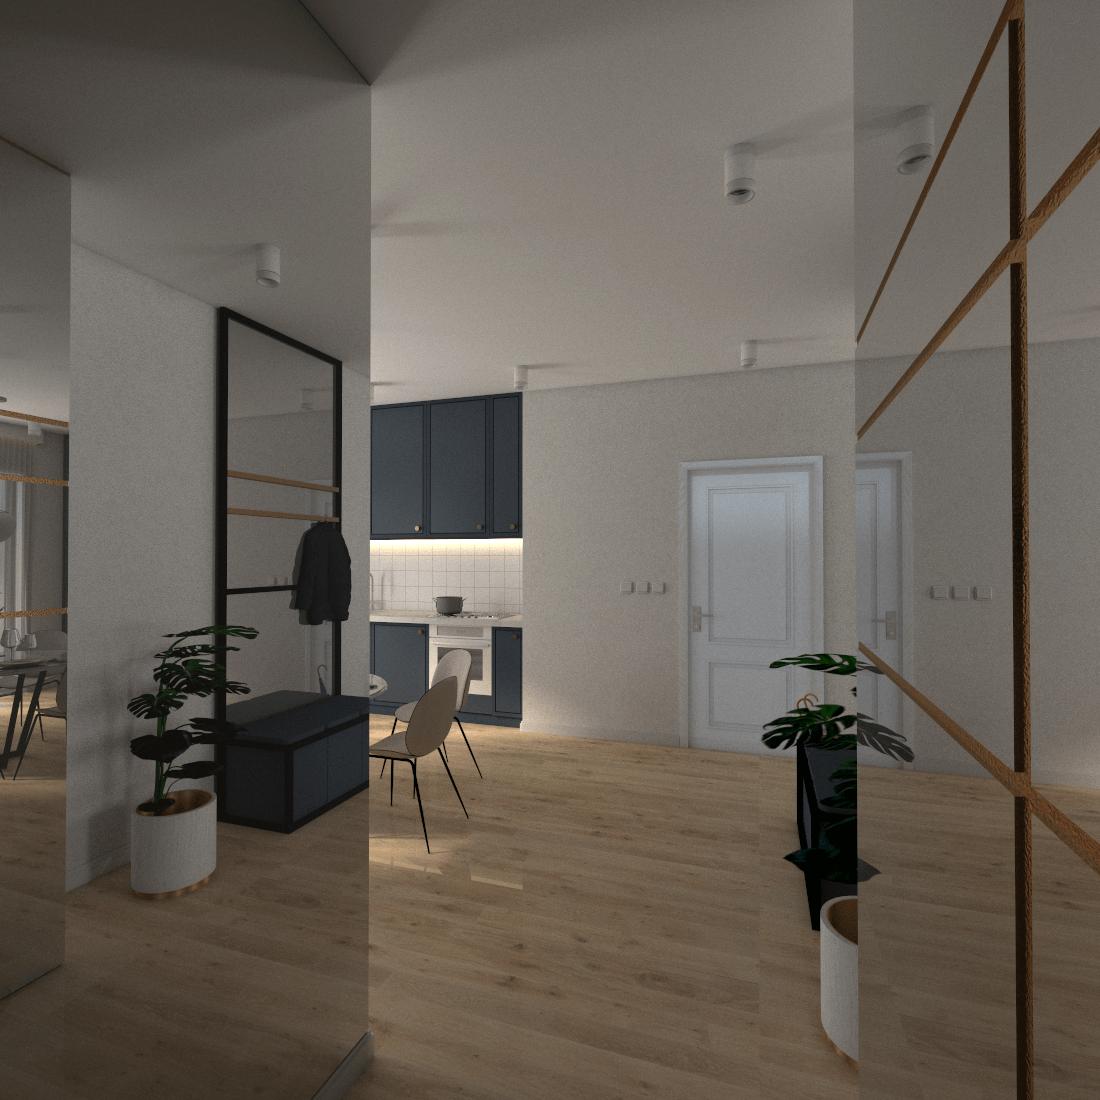 korytarz z szafą i lustrem w mieszkaniu 60m2